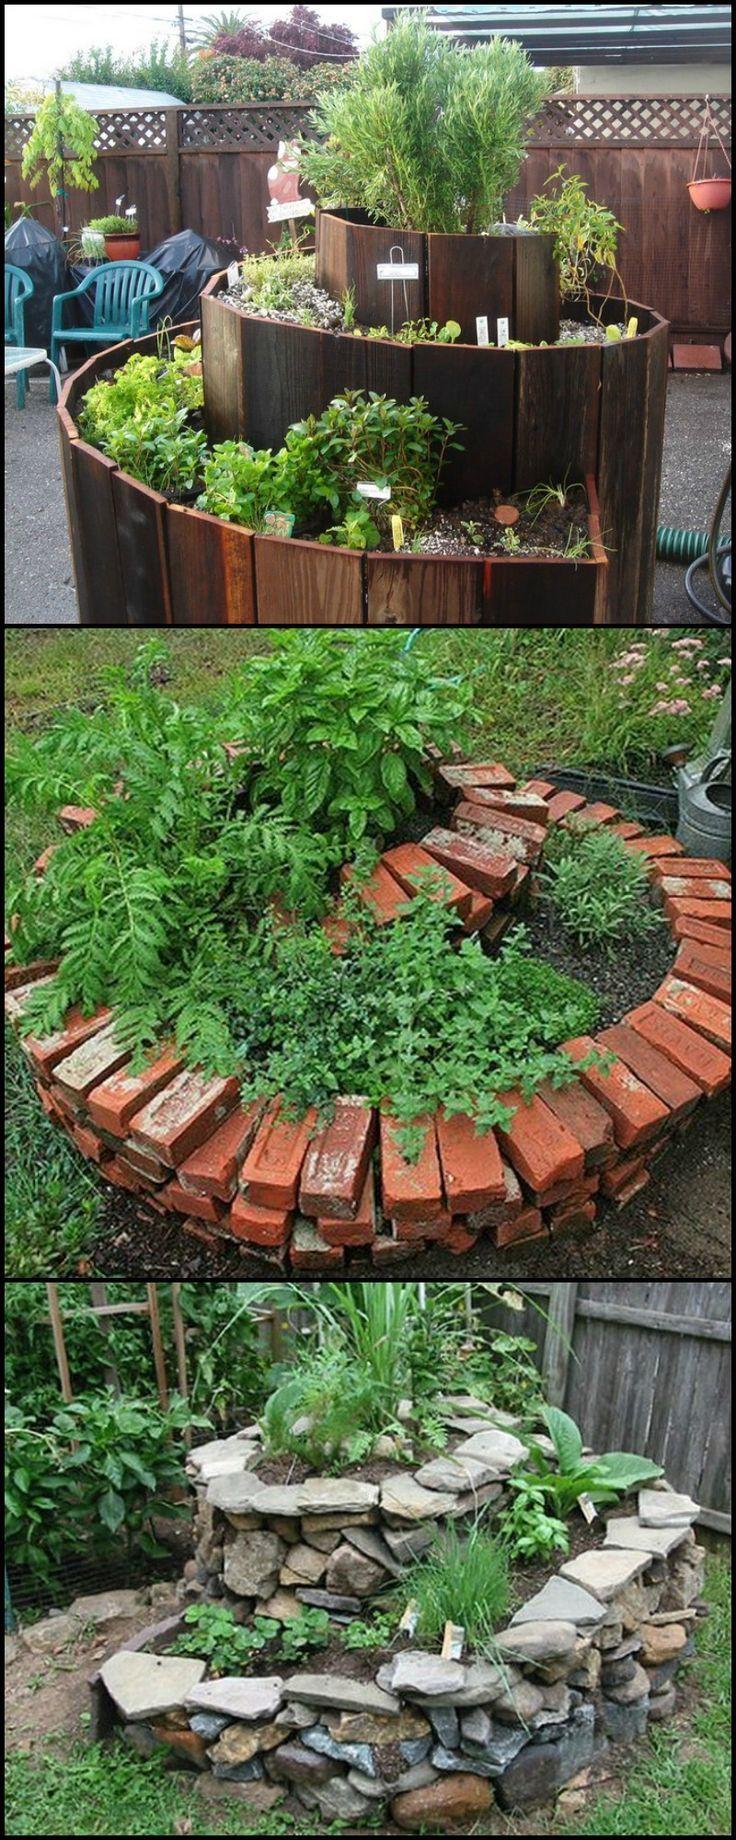 DIY Spiral Herb Garden Diy herb garden, Small herb